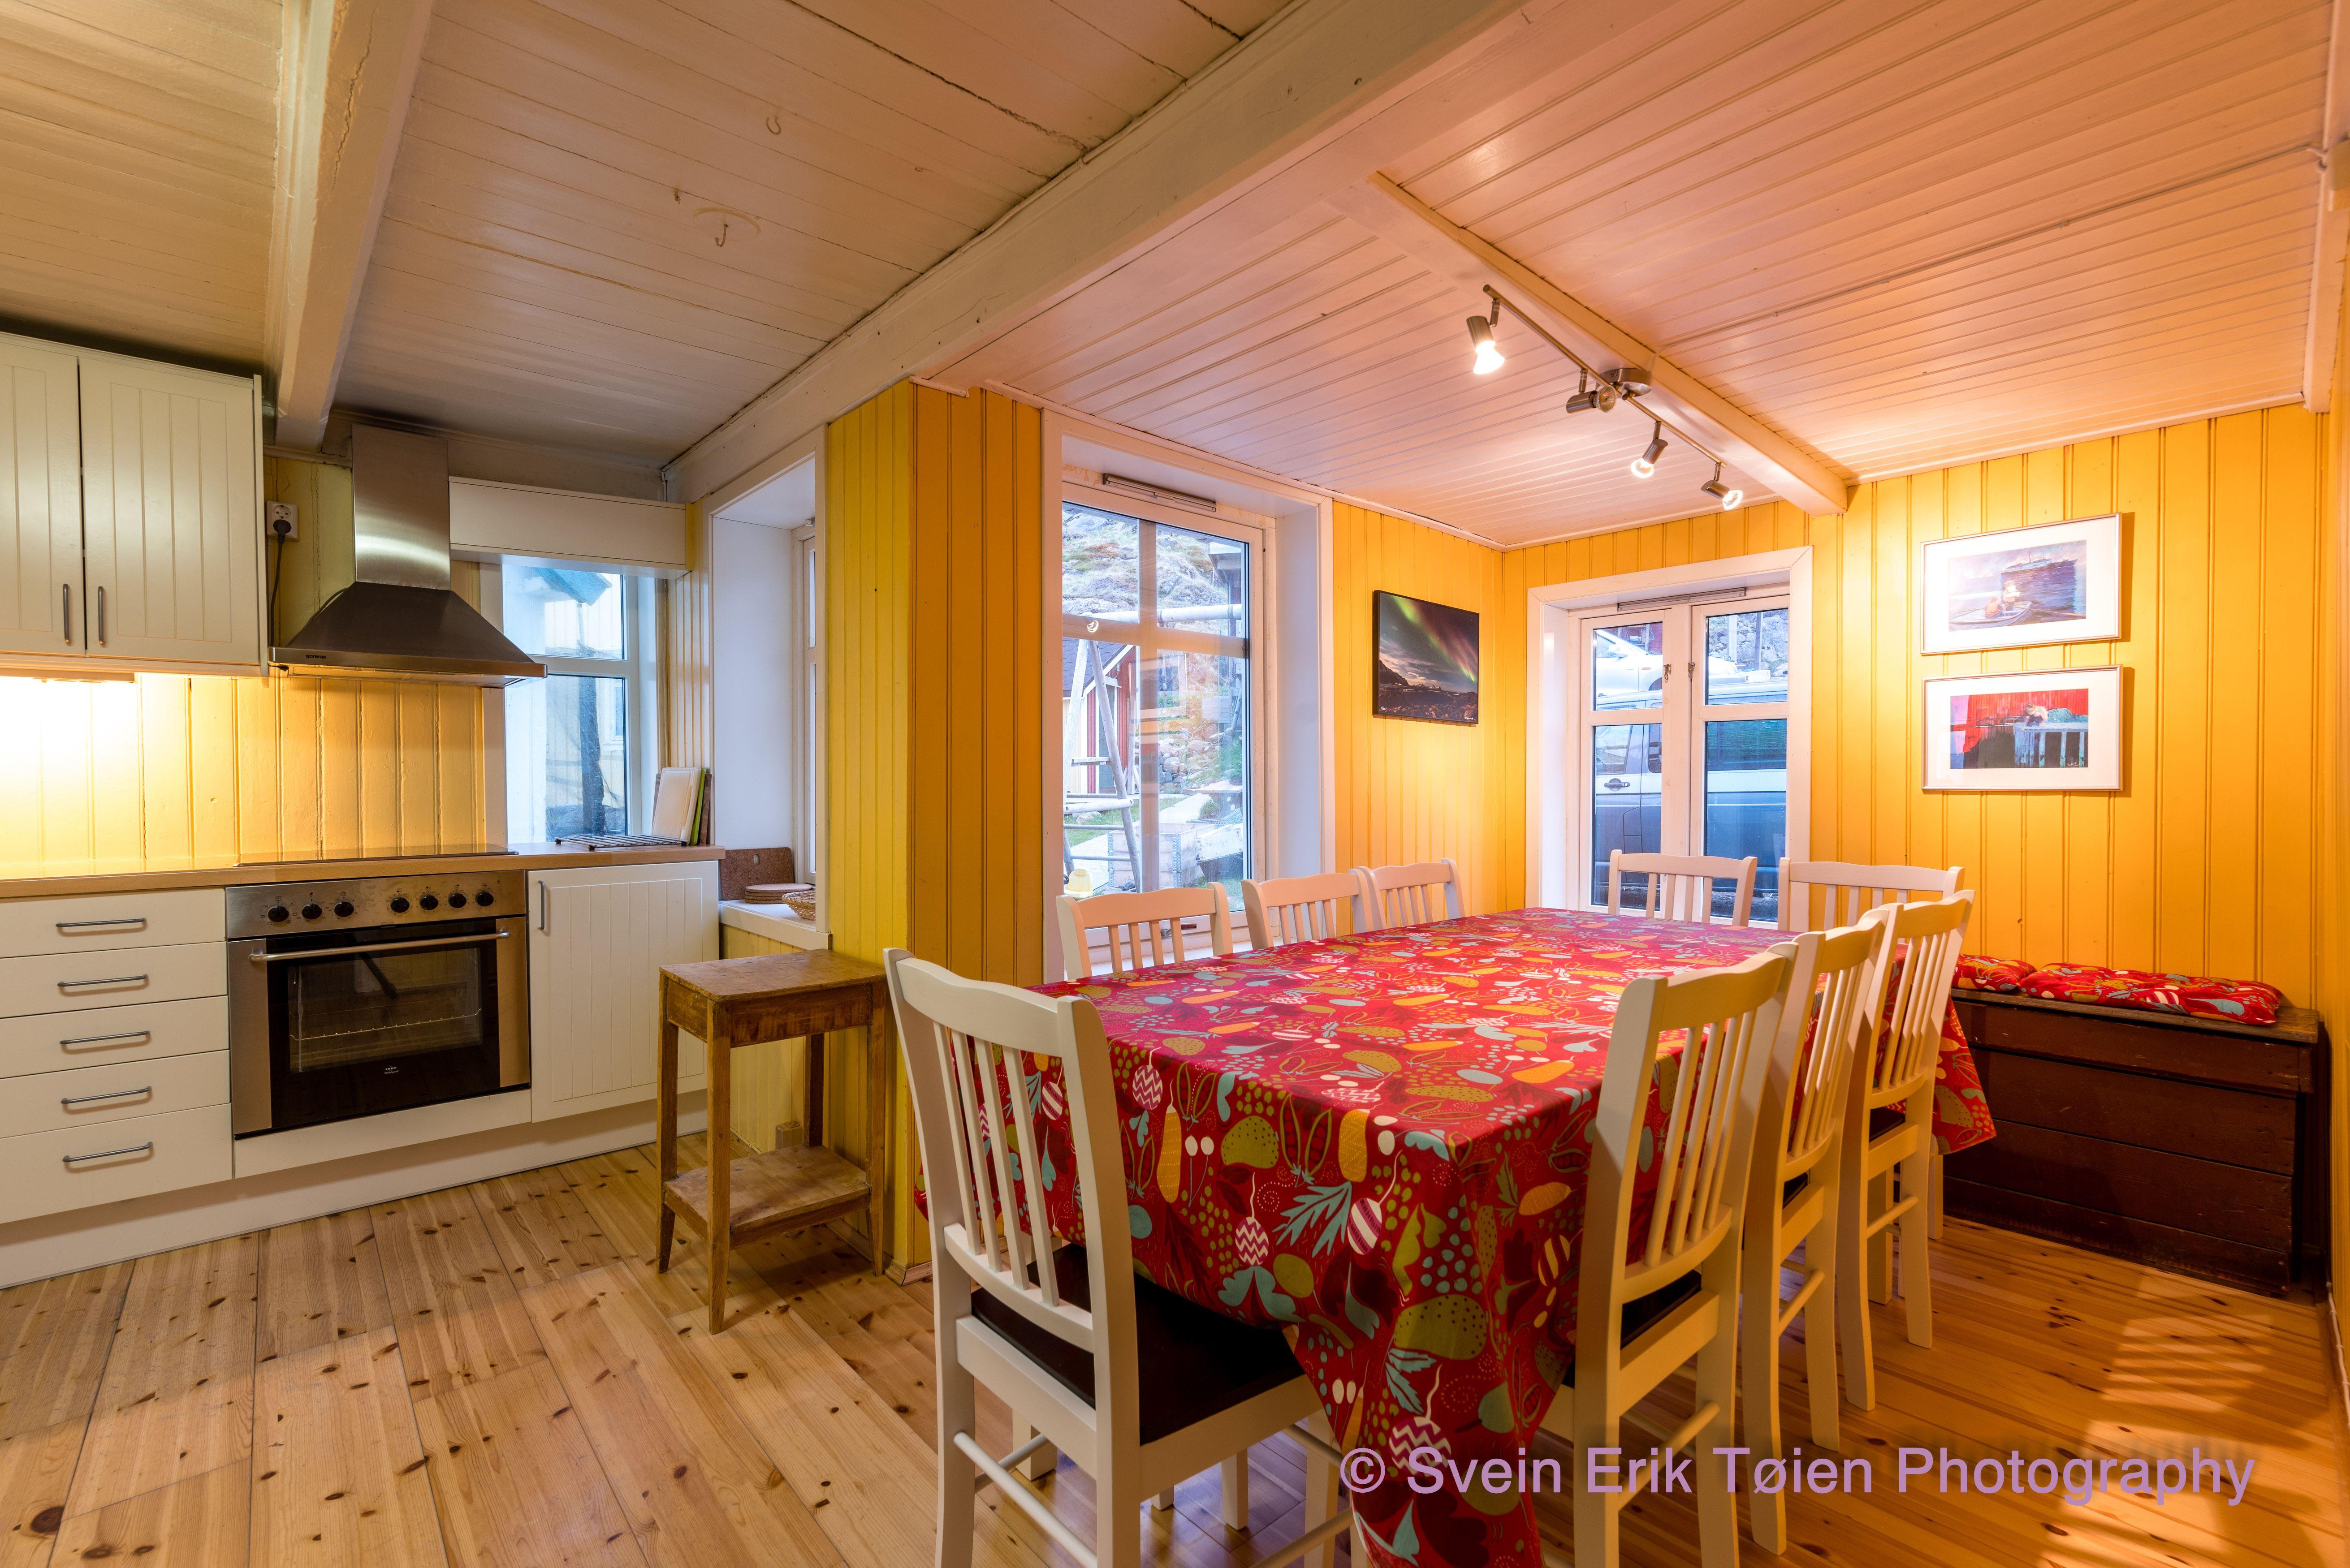 Svein Erik Tøien,  © Svein Erik Tøien, Nyksund Retreat - Nyksund Retreat Center